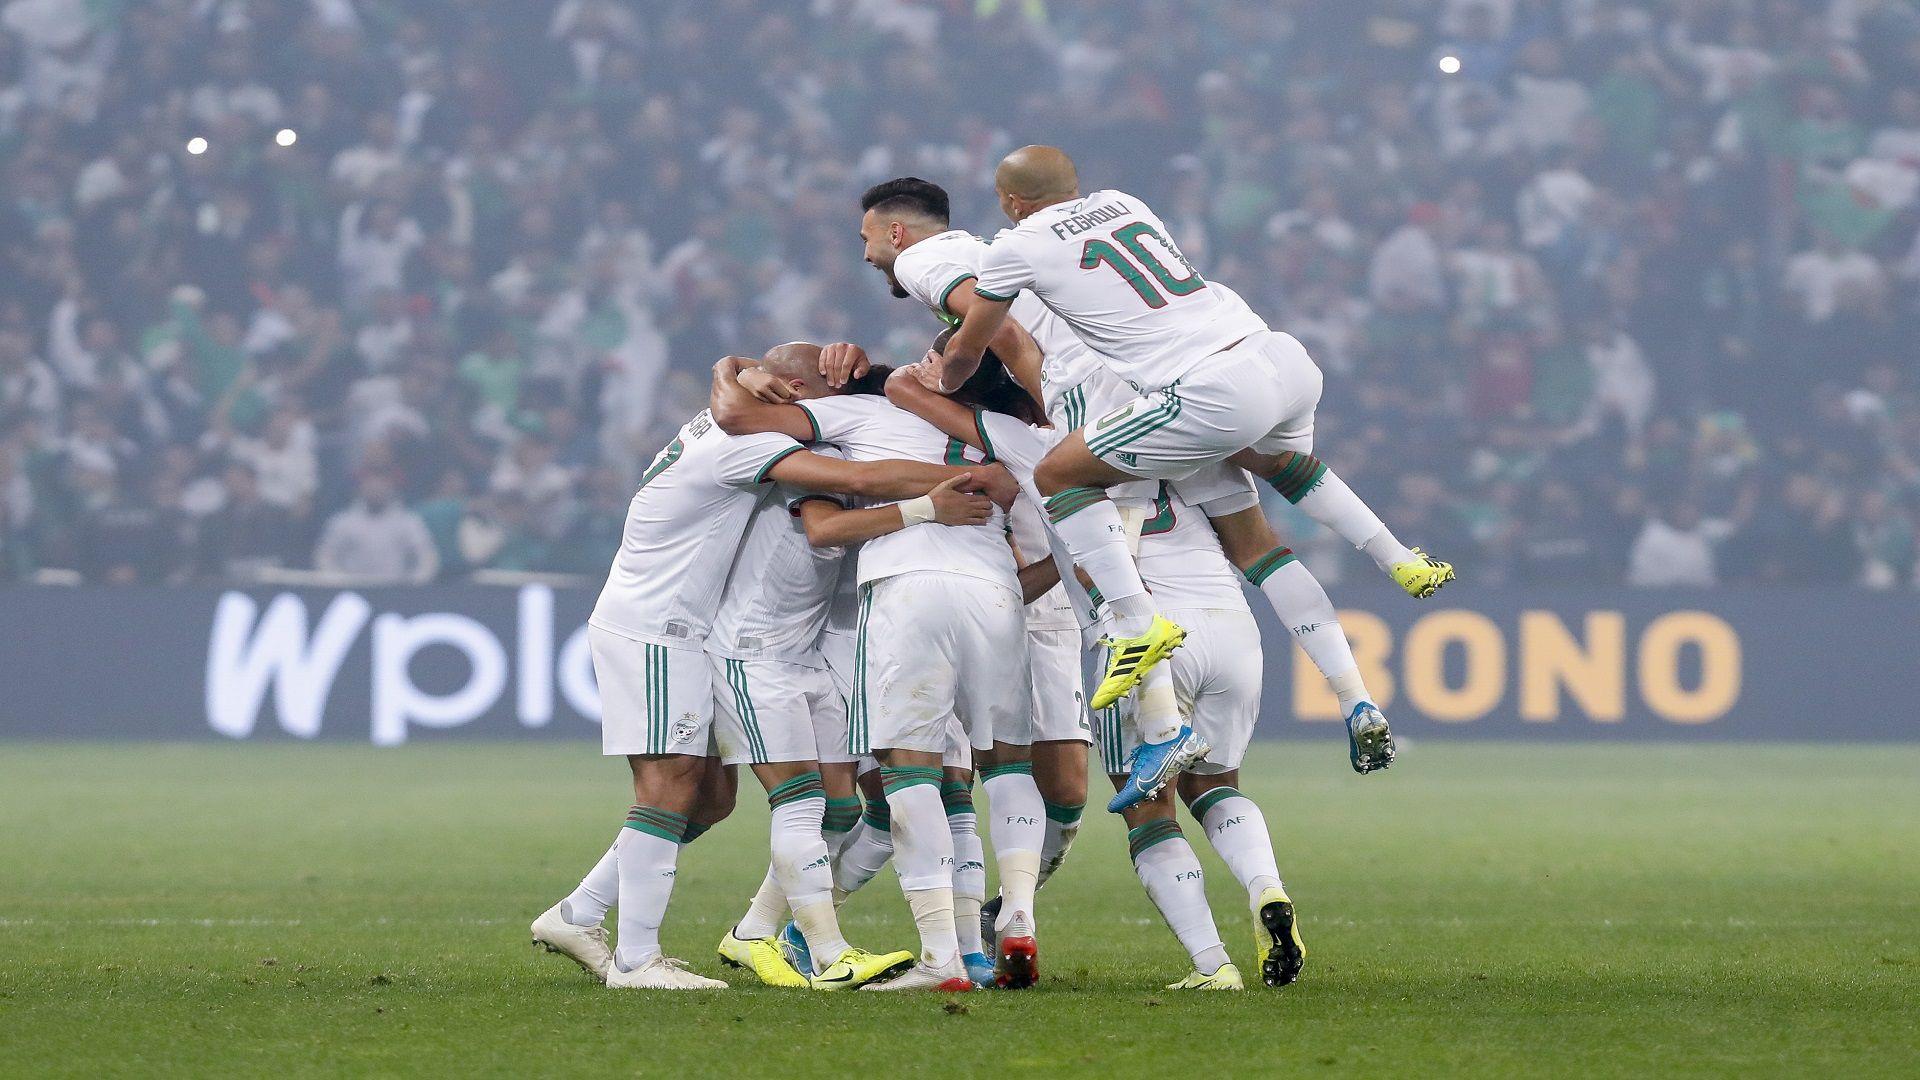 الكشف عن موعد مباراة المنتخب الجزائري وجيبوتي بتصفيات كأس العالم 2022